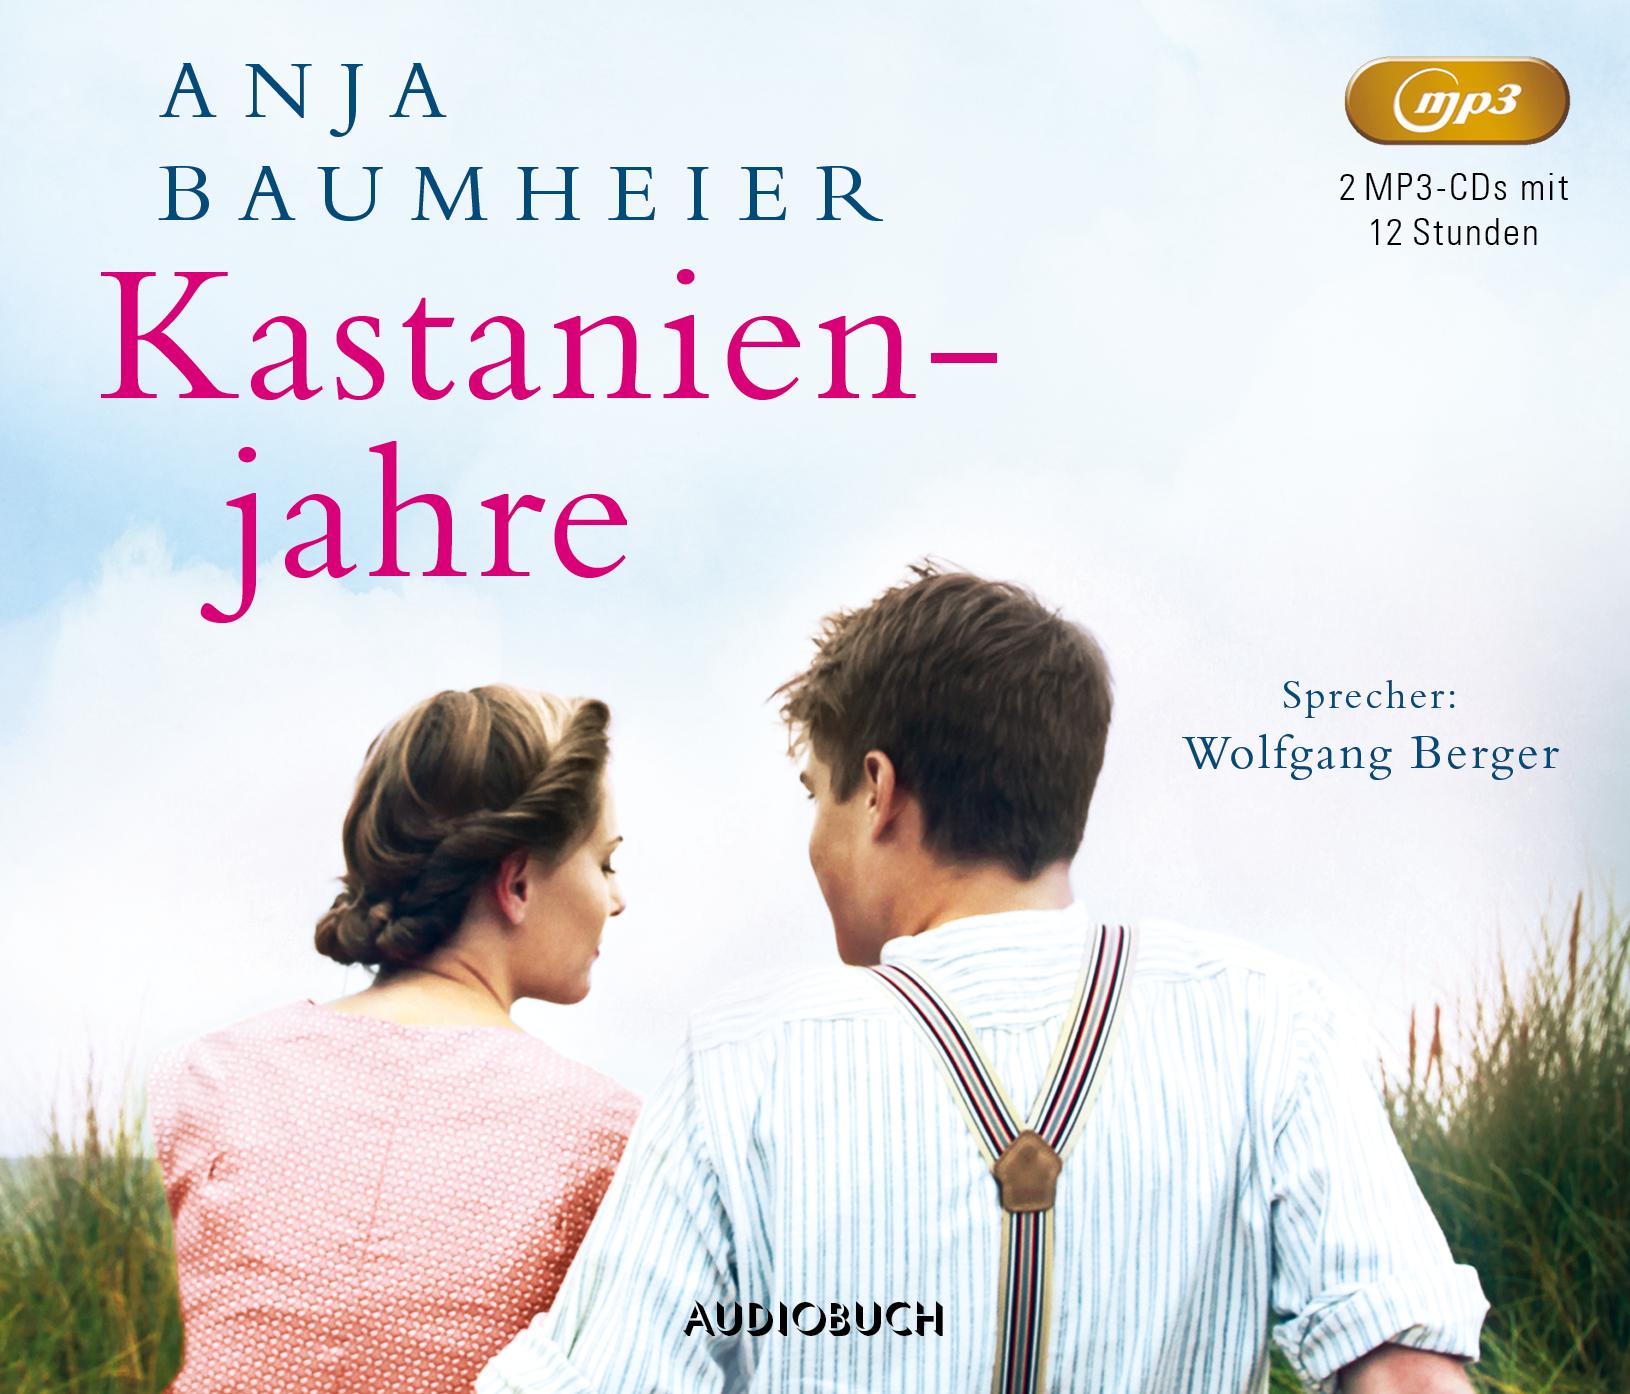 Cover für das Kastanienjahre Hörbuch